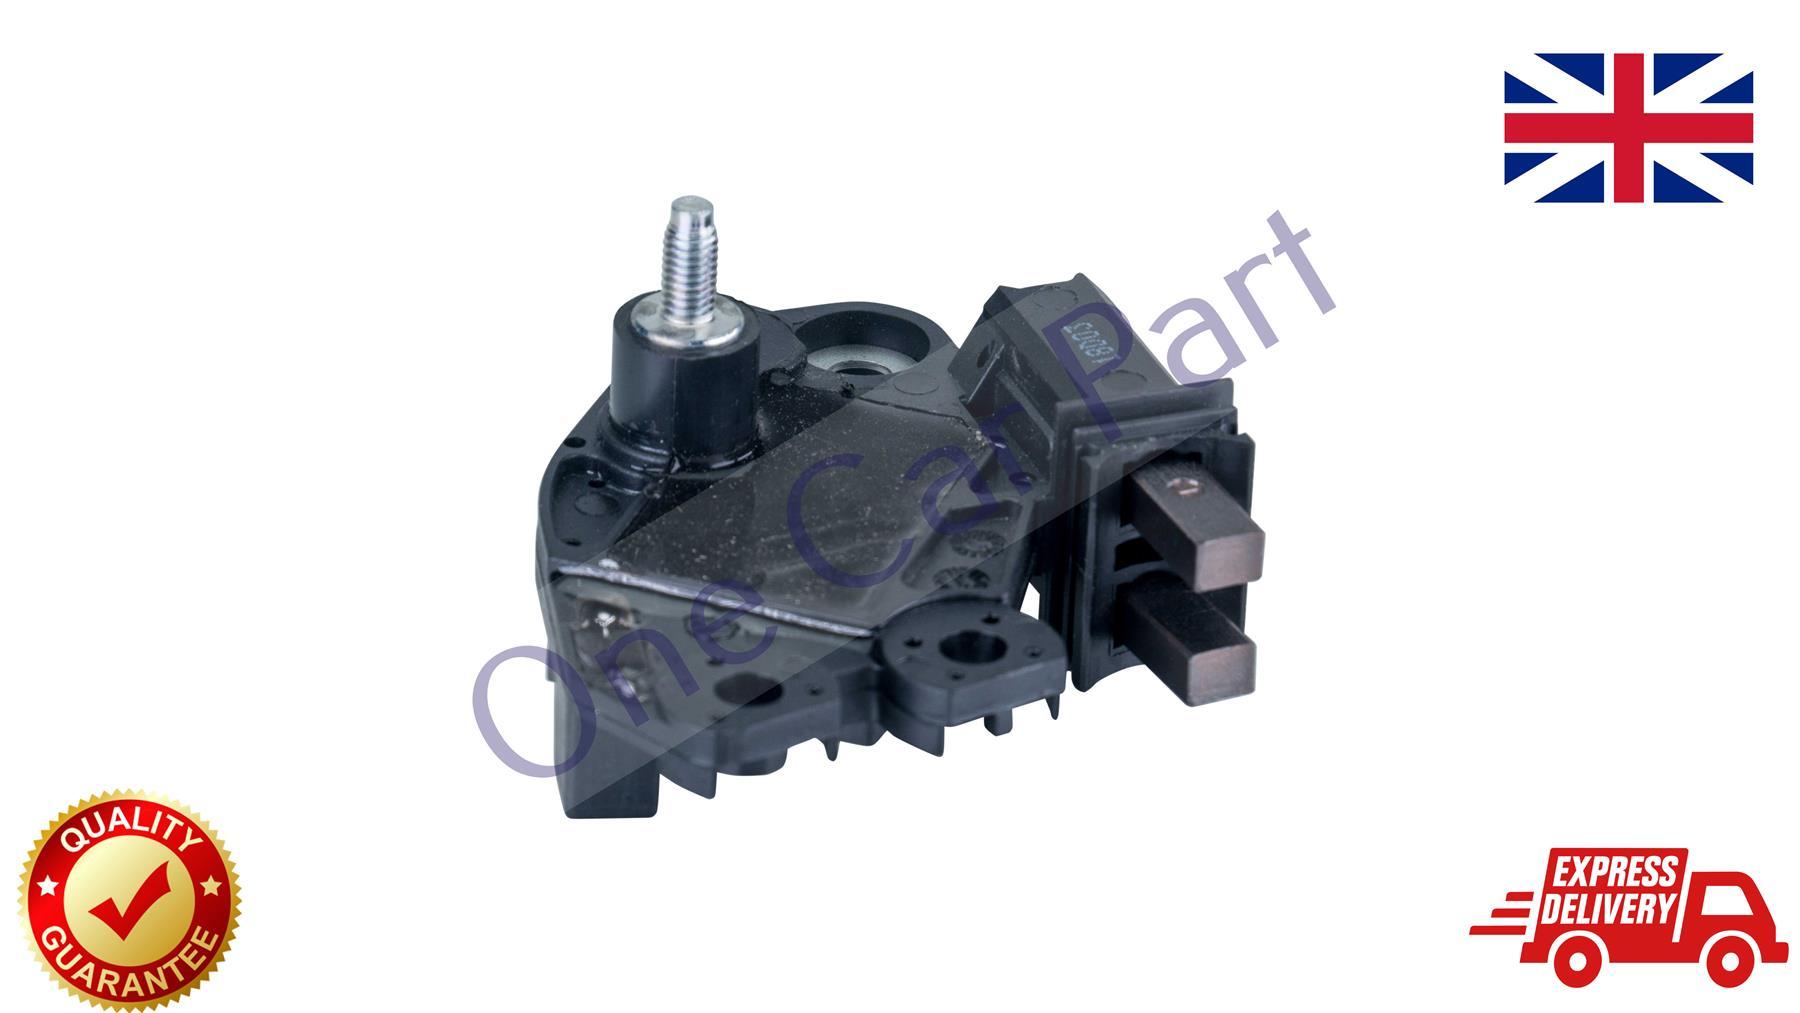 14 V alternateur régulateur valeo type pour Bmw X5 2007-2013 X6 2007-2014